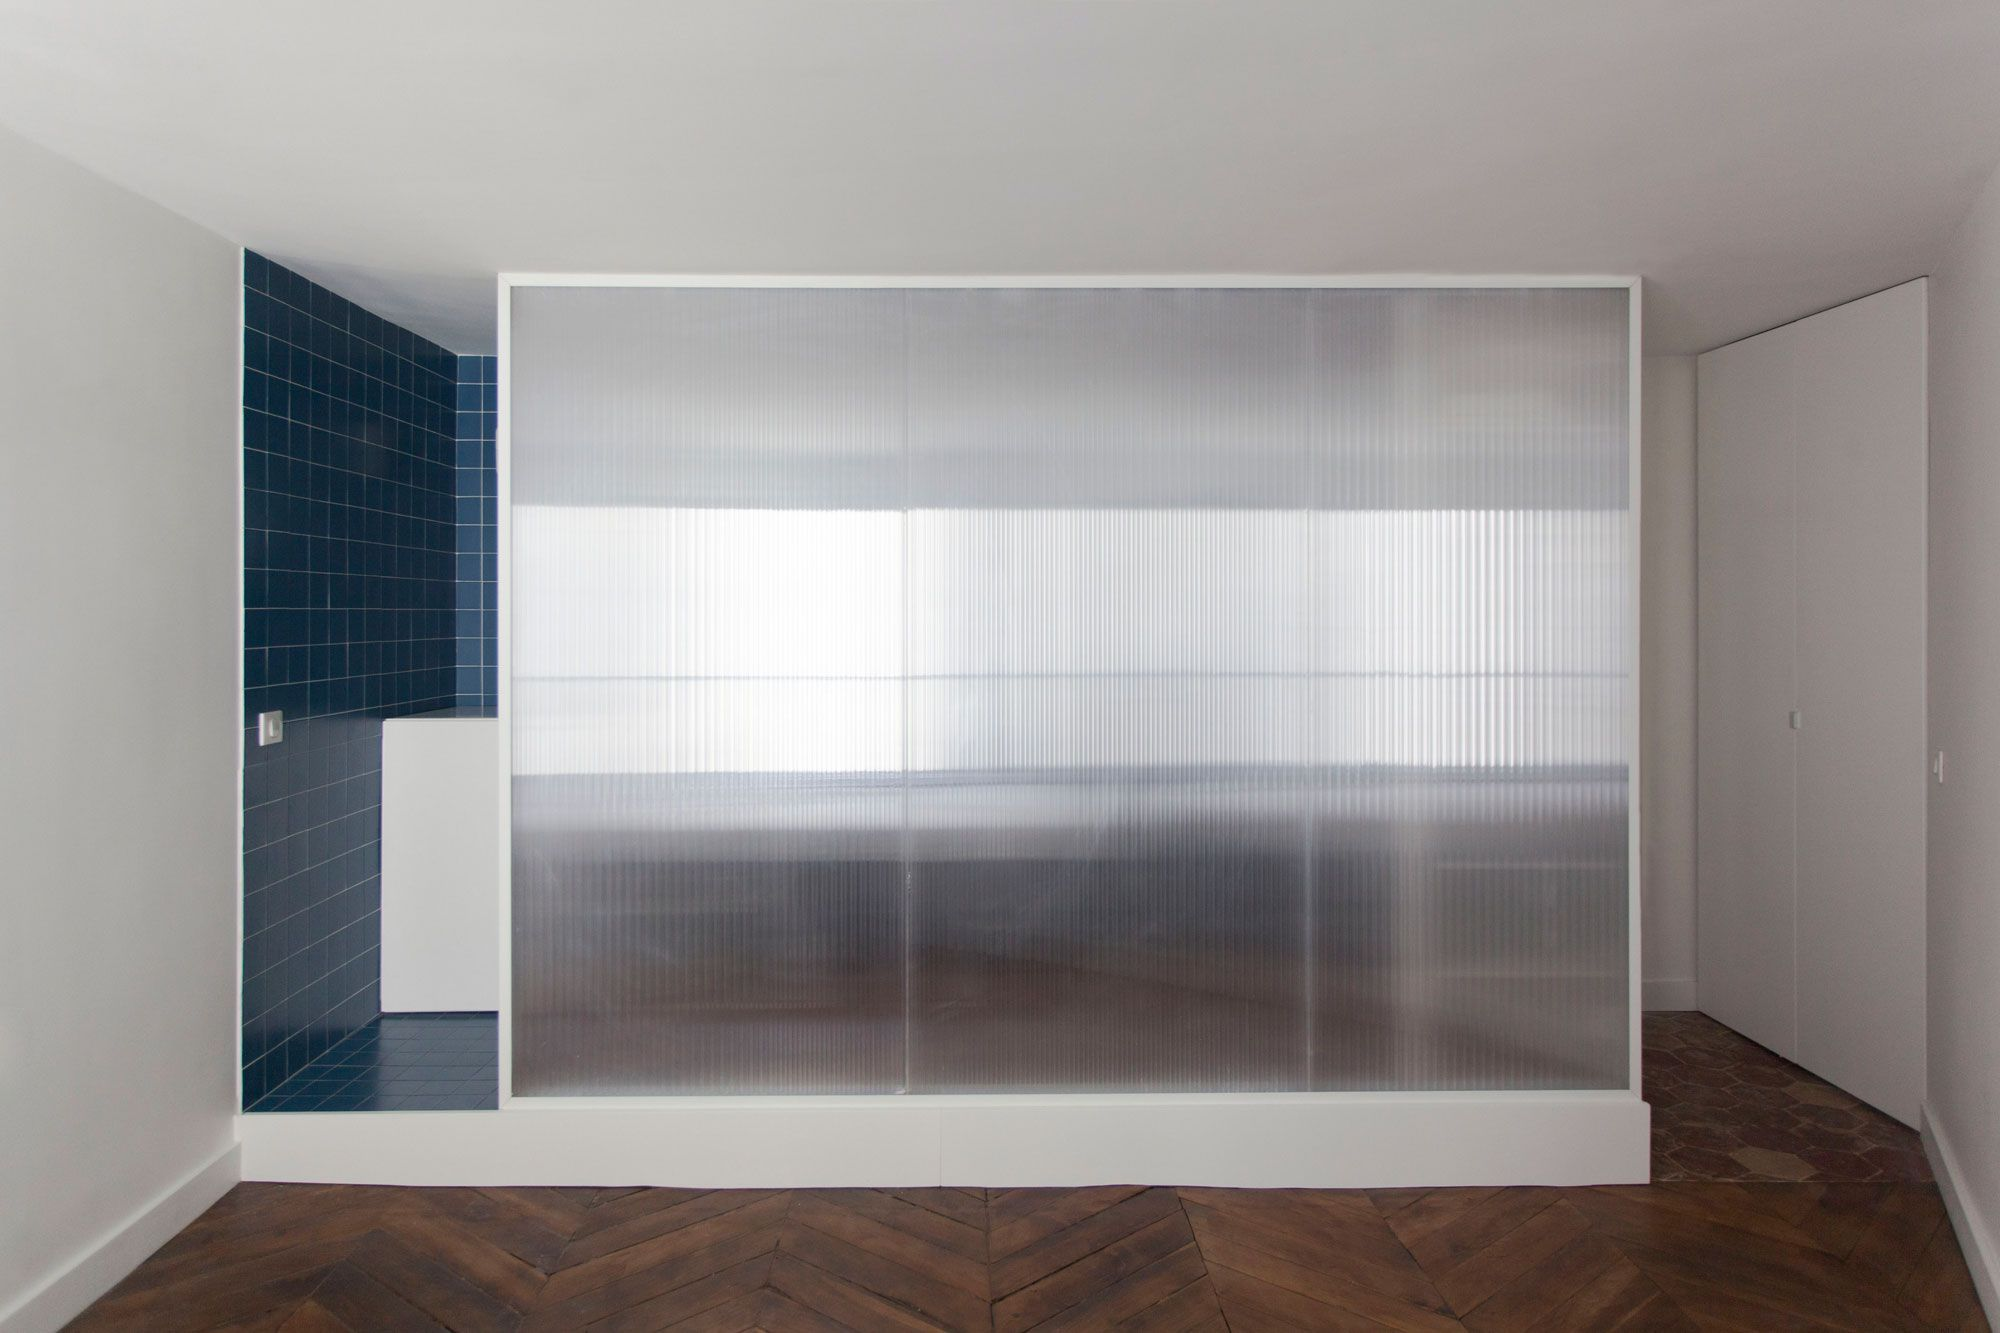 Cloison Amovible Pour Salle De Bain salle de bain, cloison polycarbonate et carreaux de